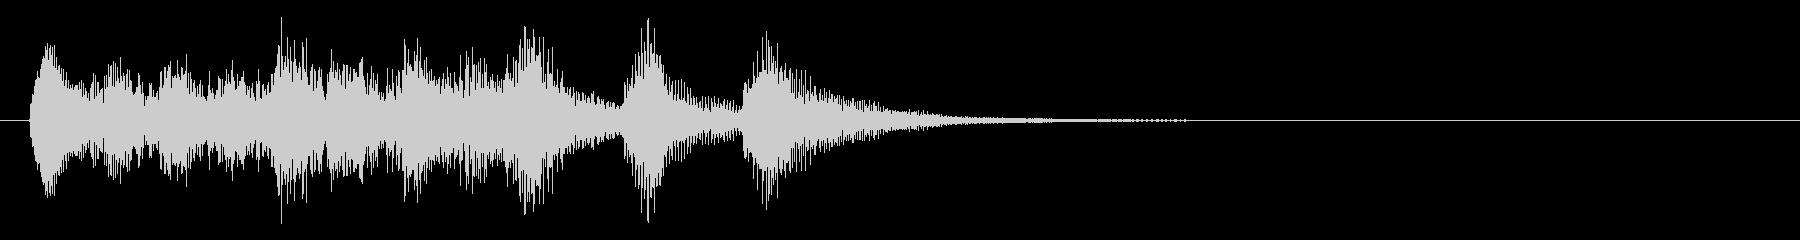 のほほんジングル020_慌ただしい-3の未再生の波形